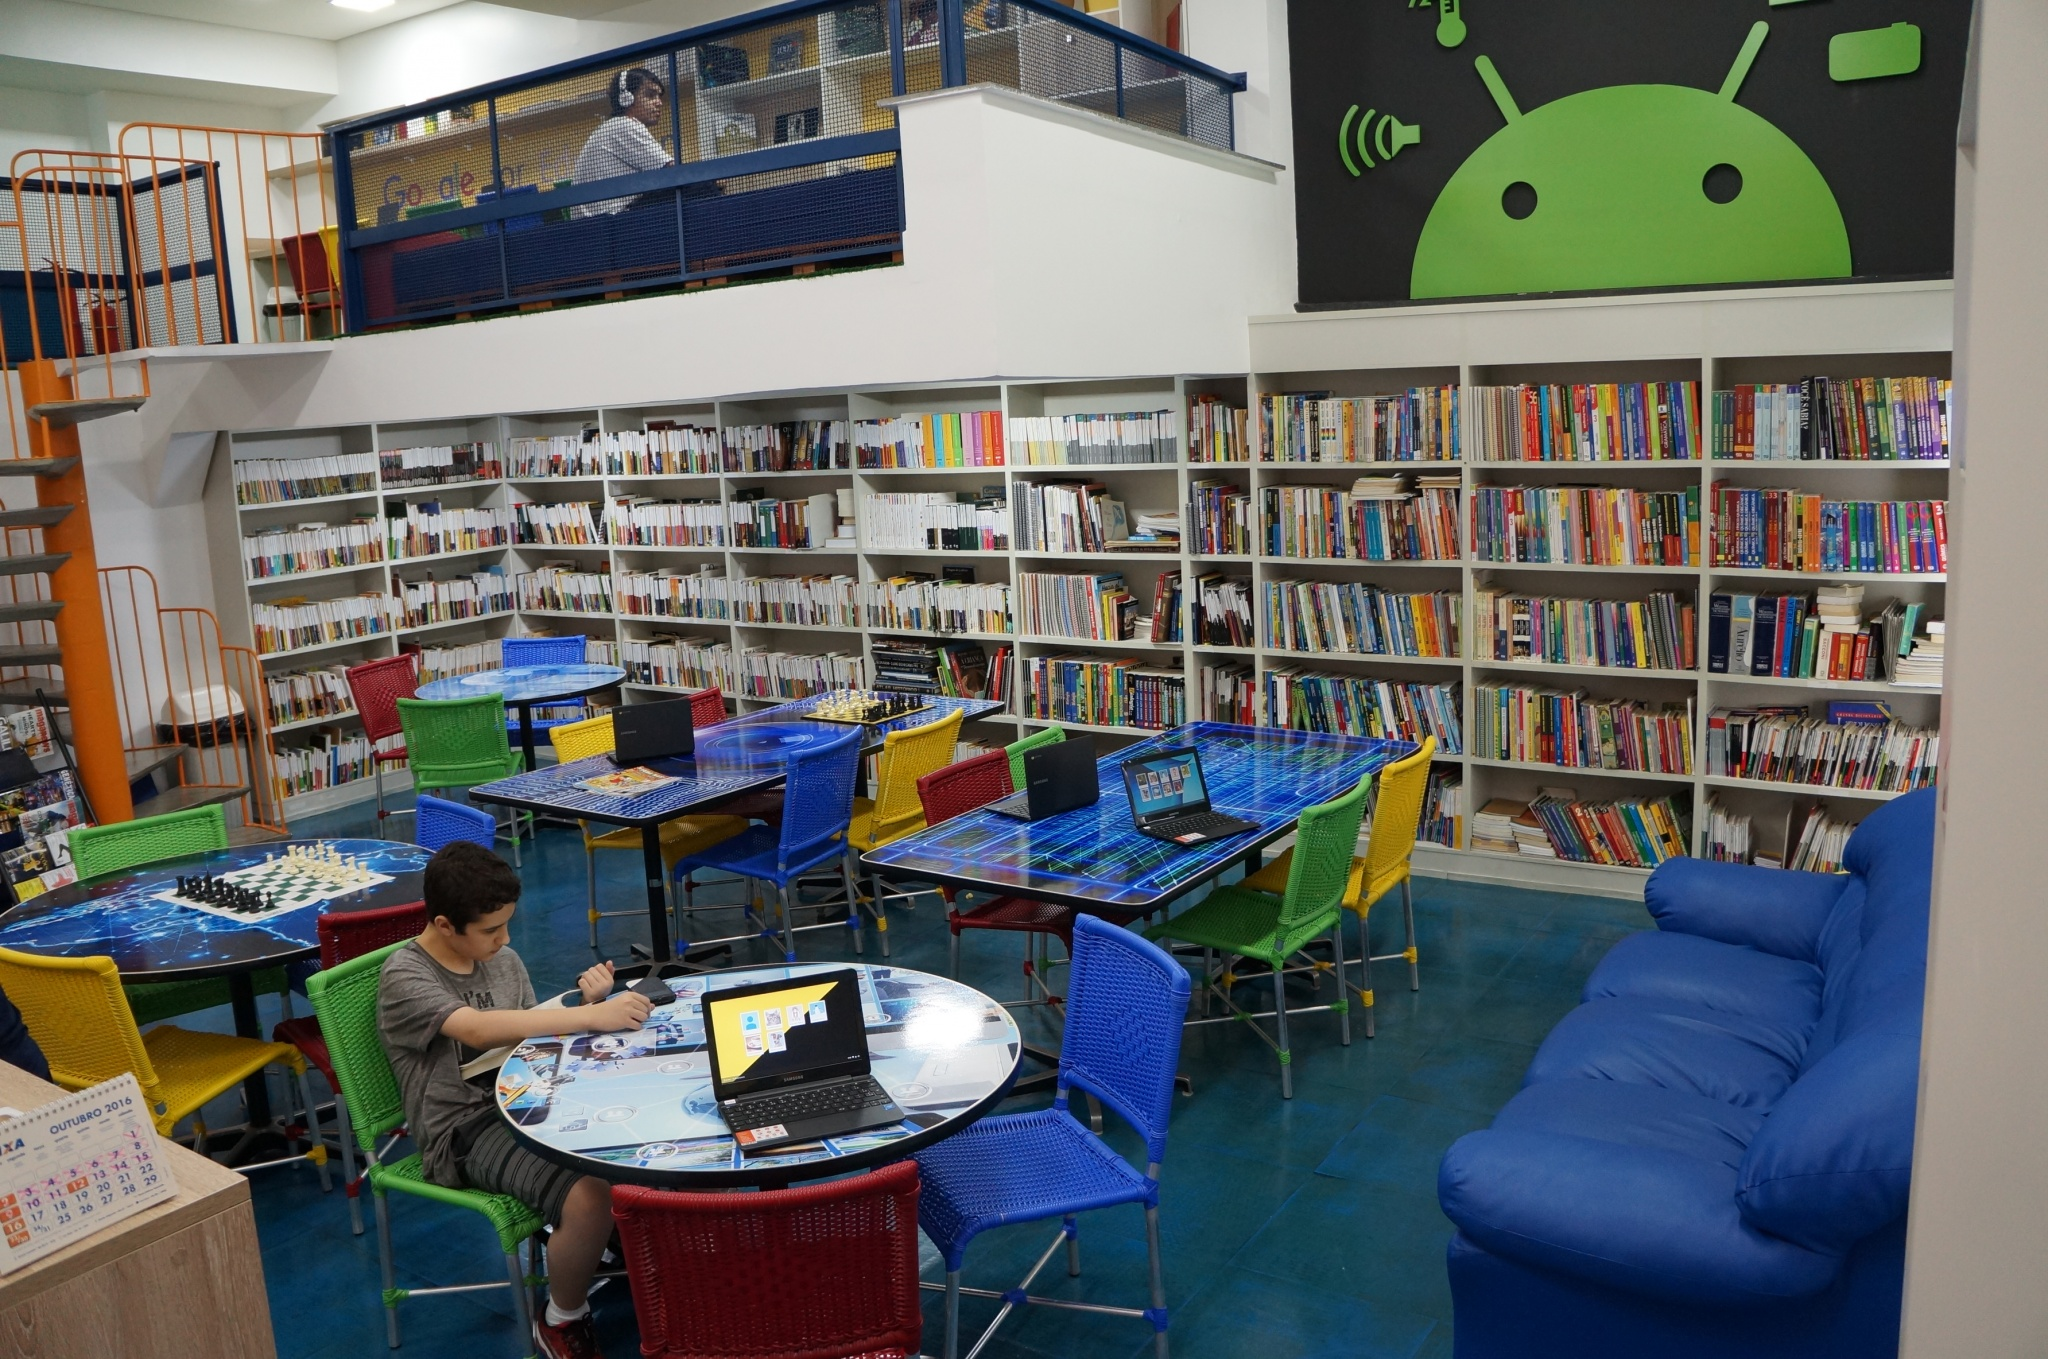 Sala Google- Unidade 3 - Colégio Renovação